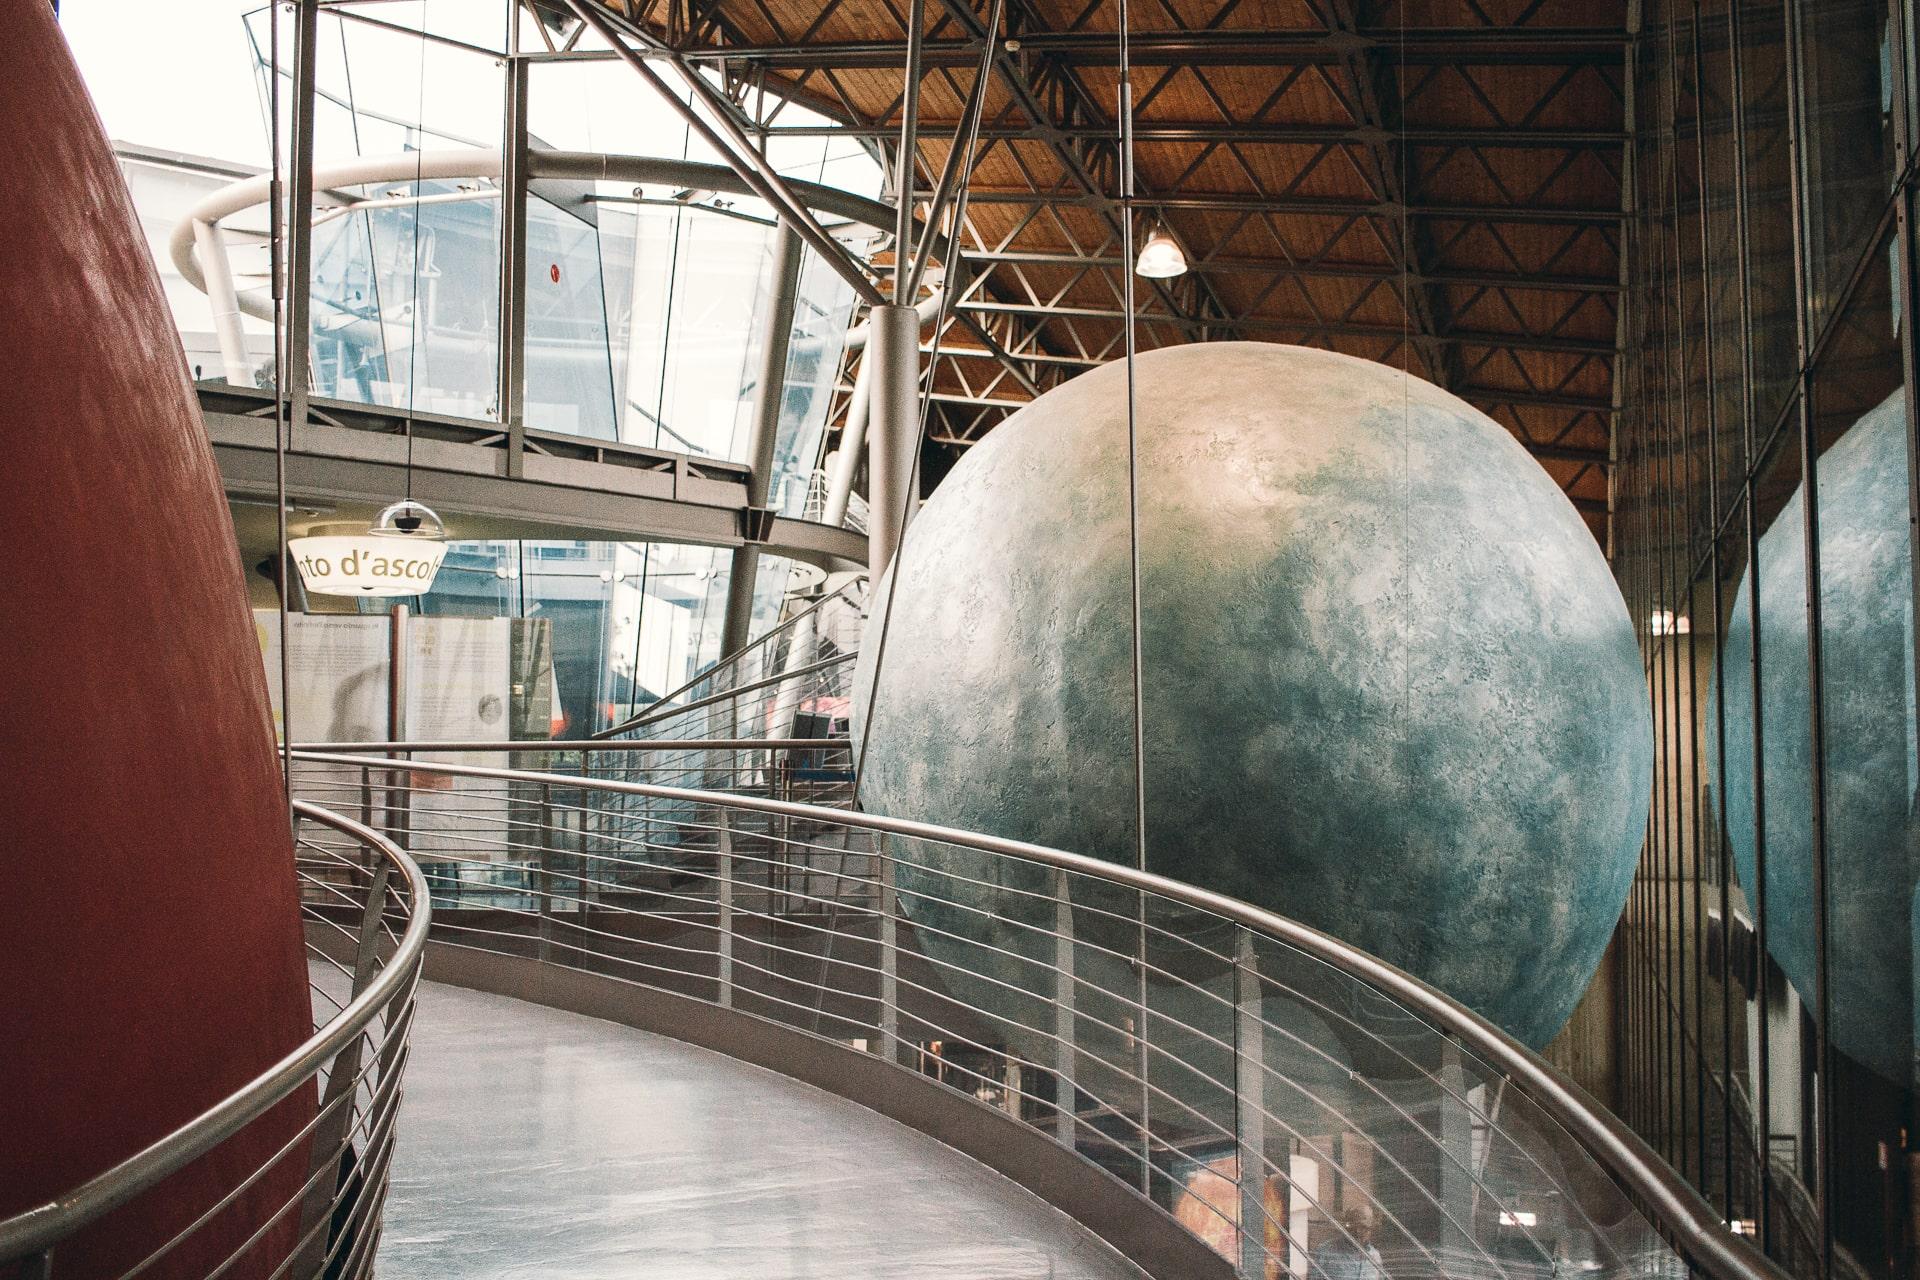 Planetario Torino